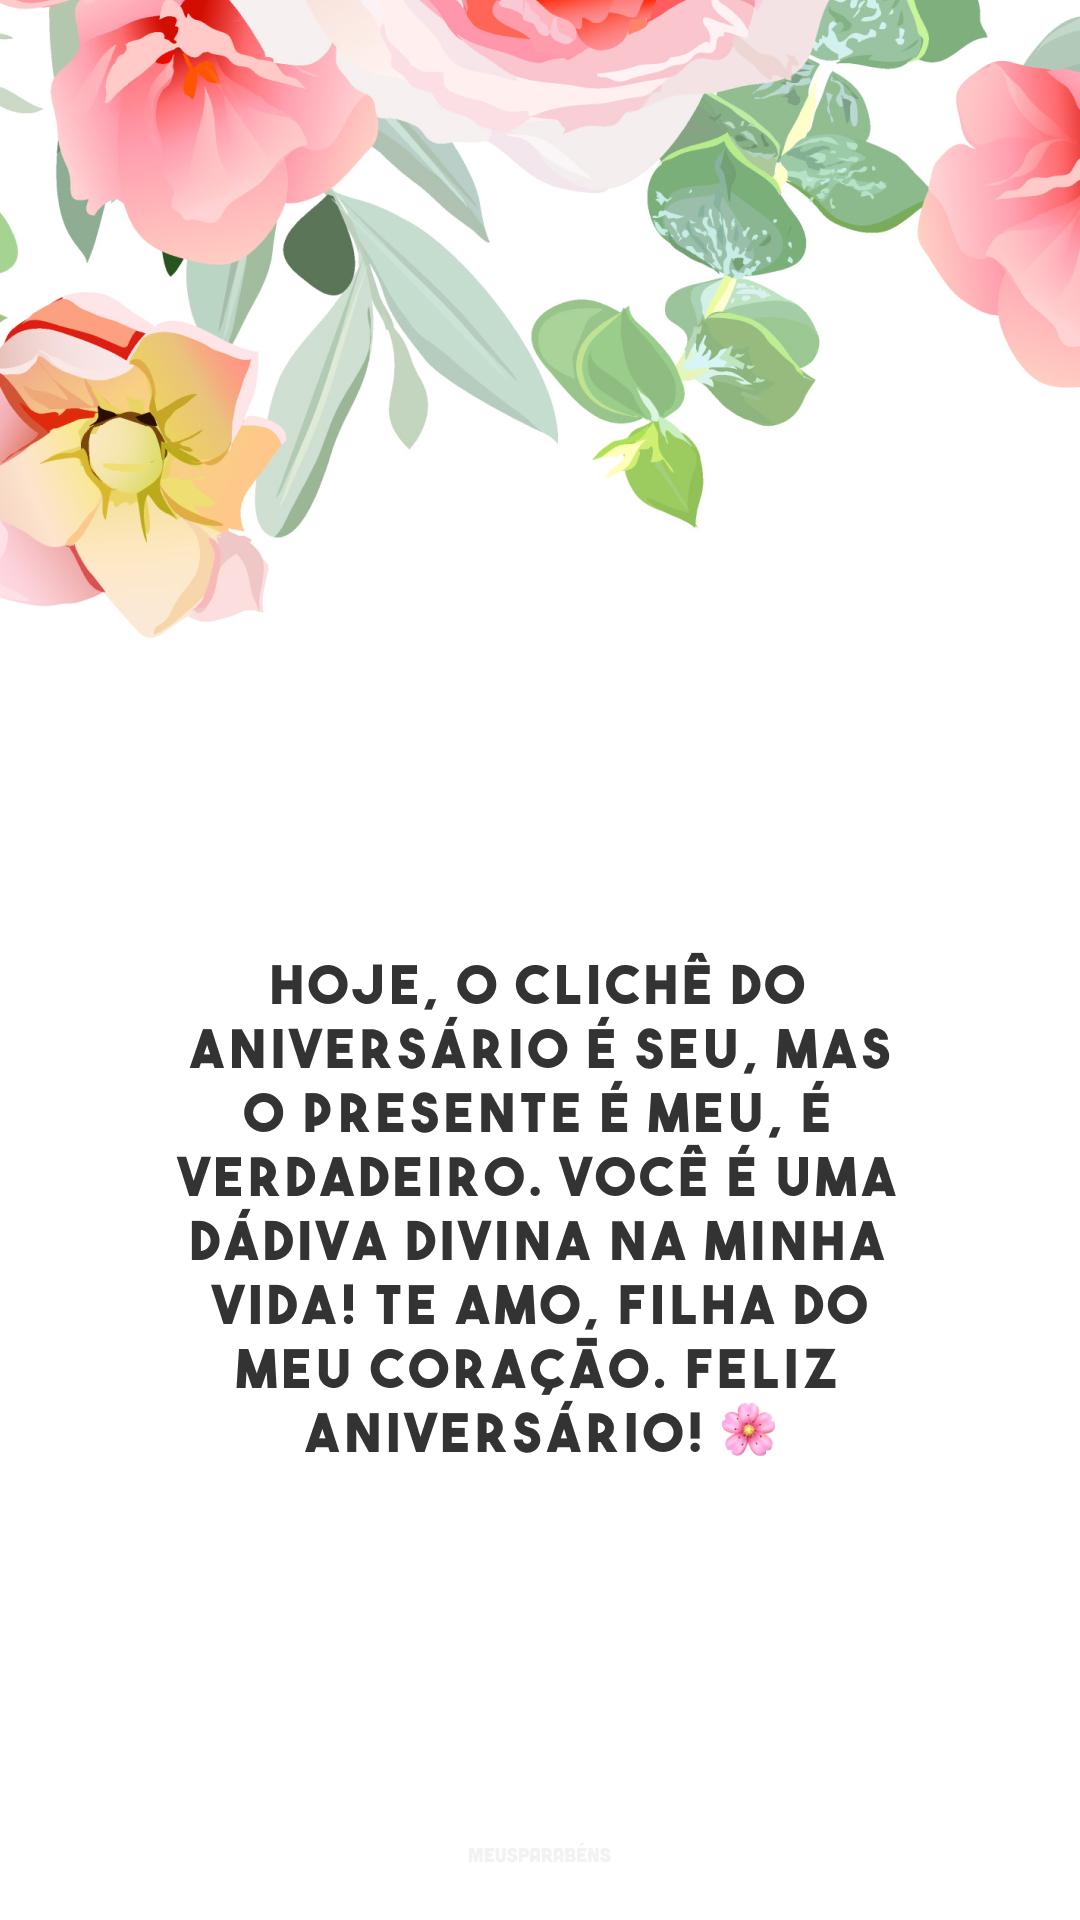 Hoje, o clichê do aniversário é seu, mas o presente é meu, é verdadeiro. Você é uma dádiva divina na minha vida! Te amo, filha do meu coração. Feliz aniversário!